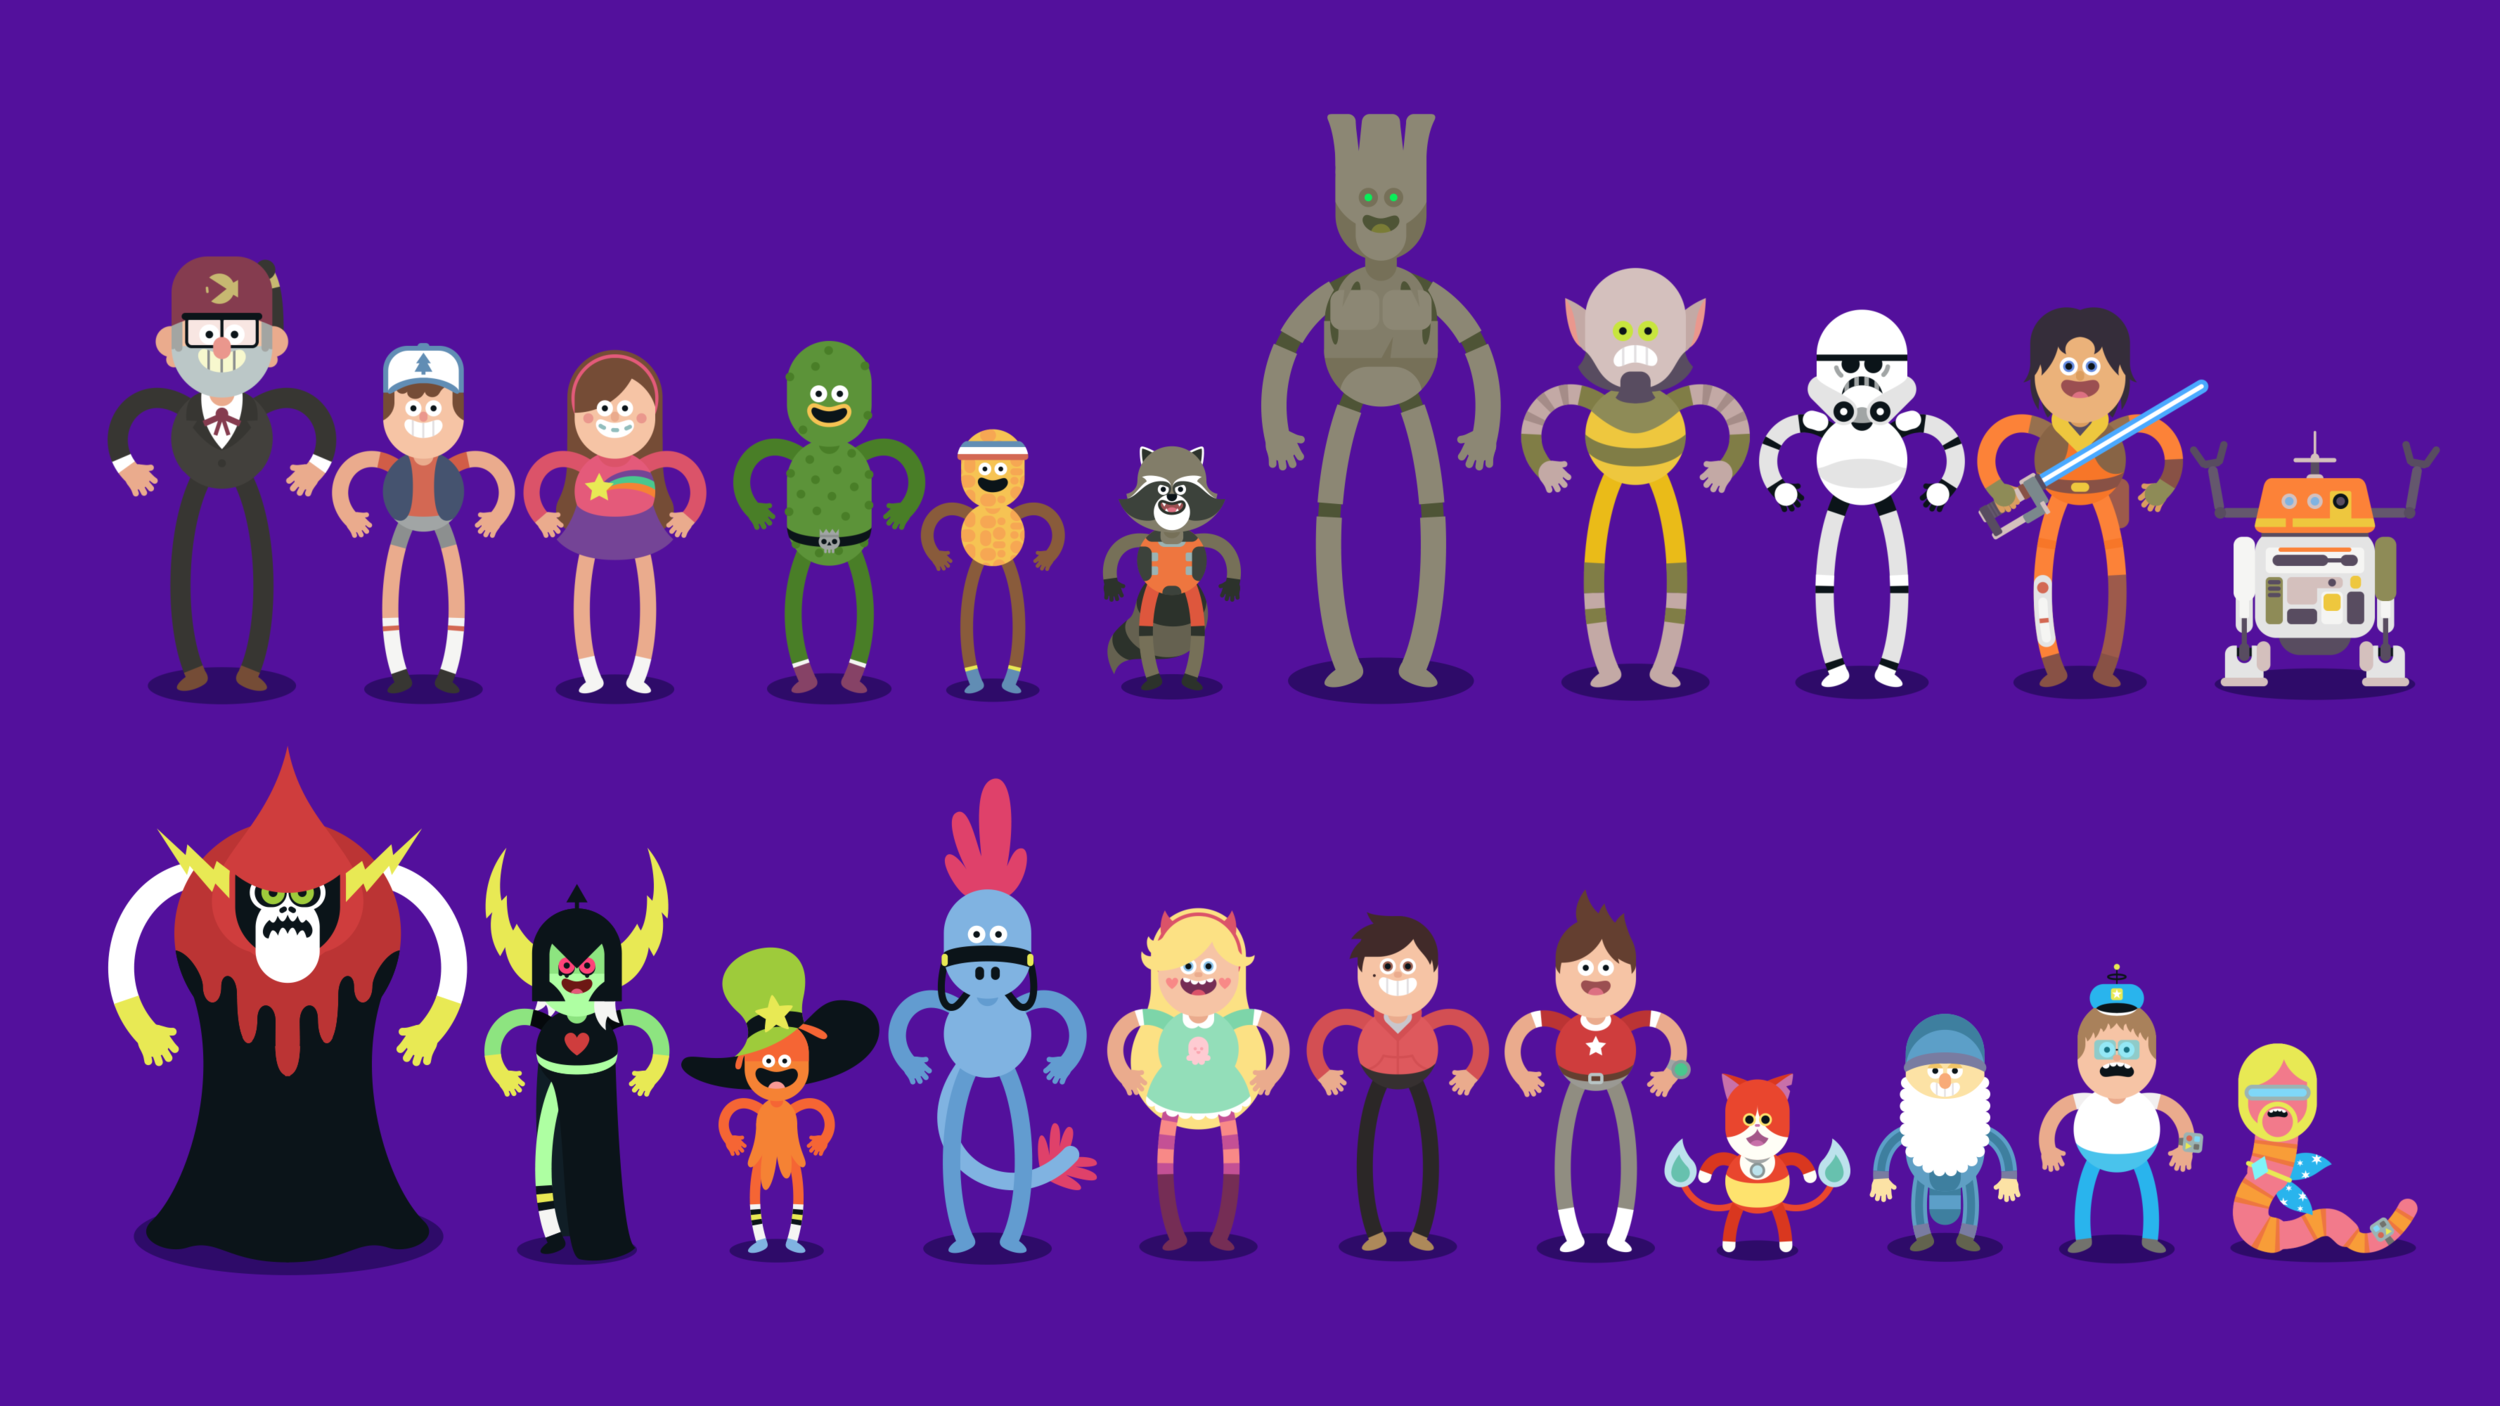 The full cast.